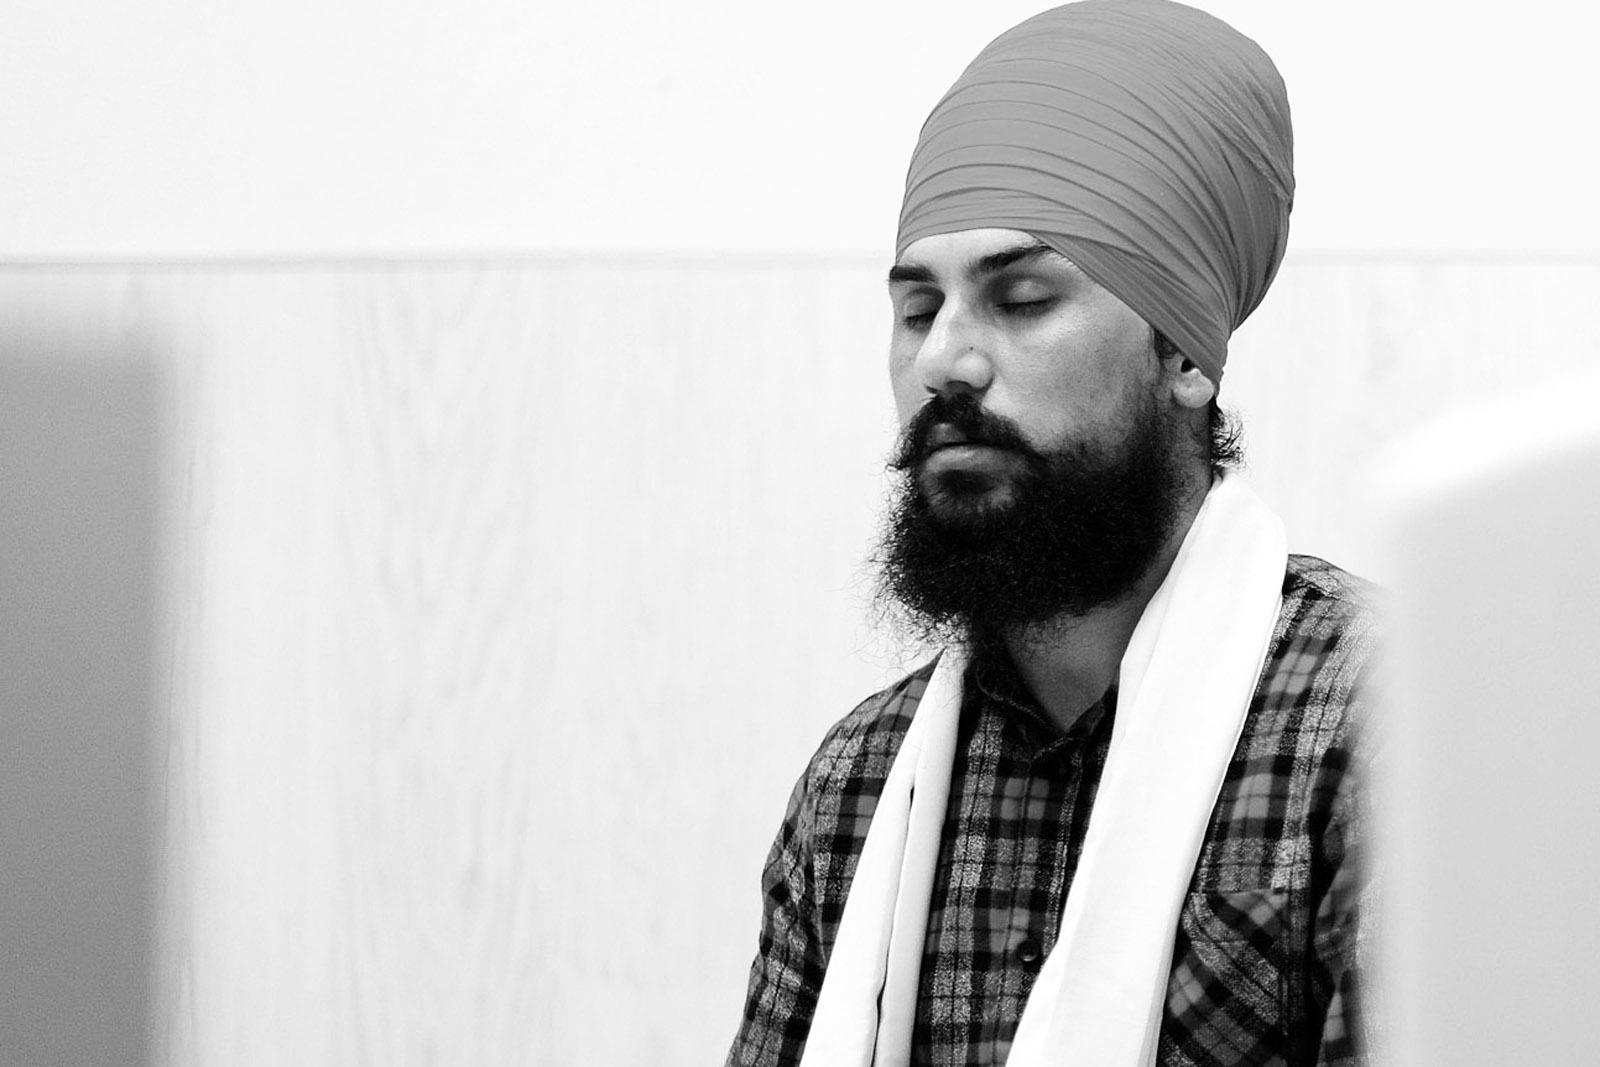 13_Sikh